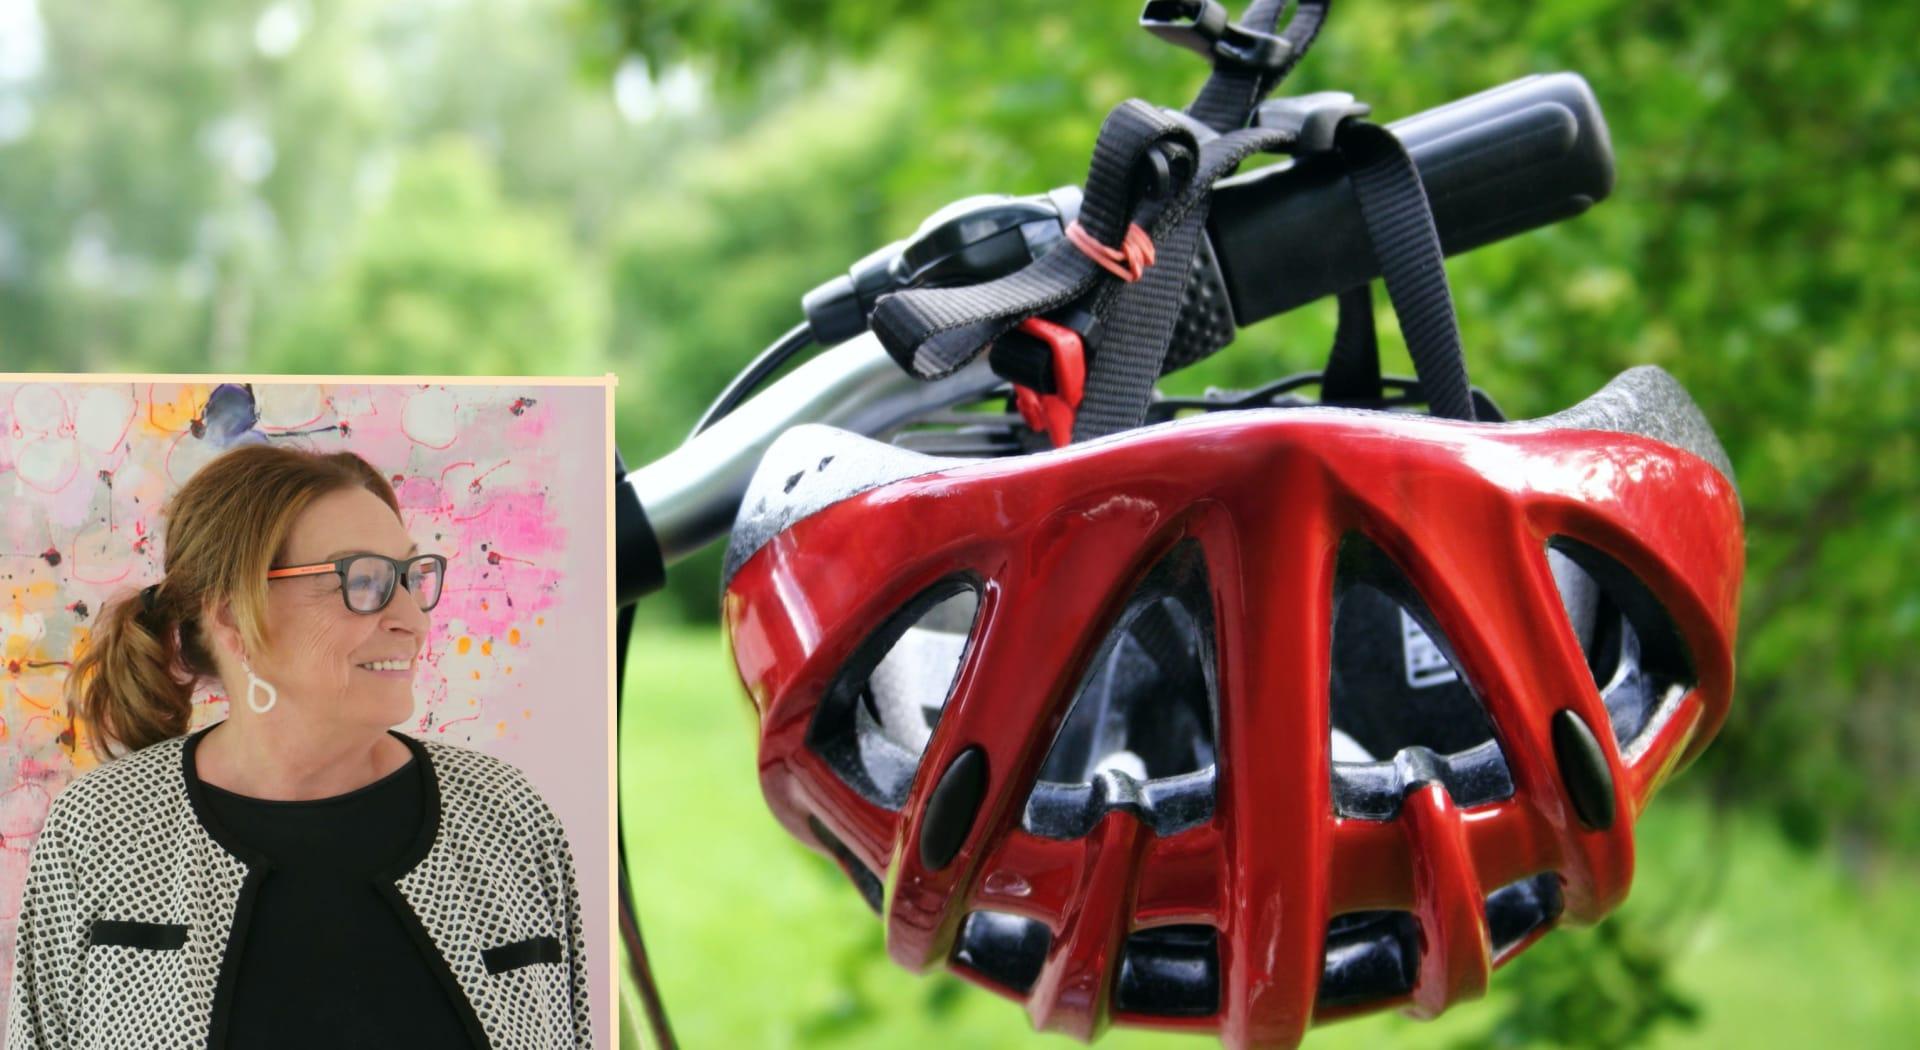 Advokat Anne Grethe Kjelland hjalp gutten få en betydelig erstatning, etter sykkelvelten.